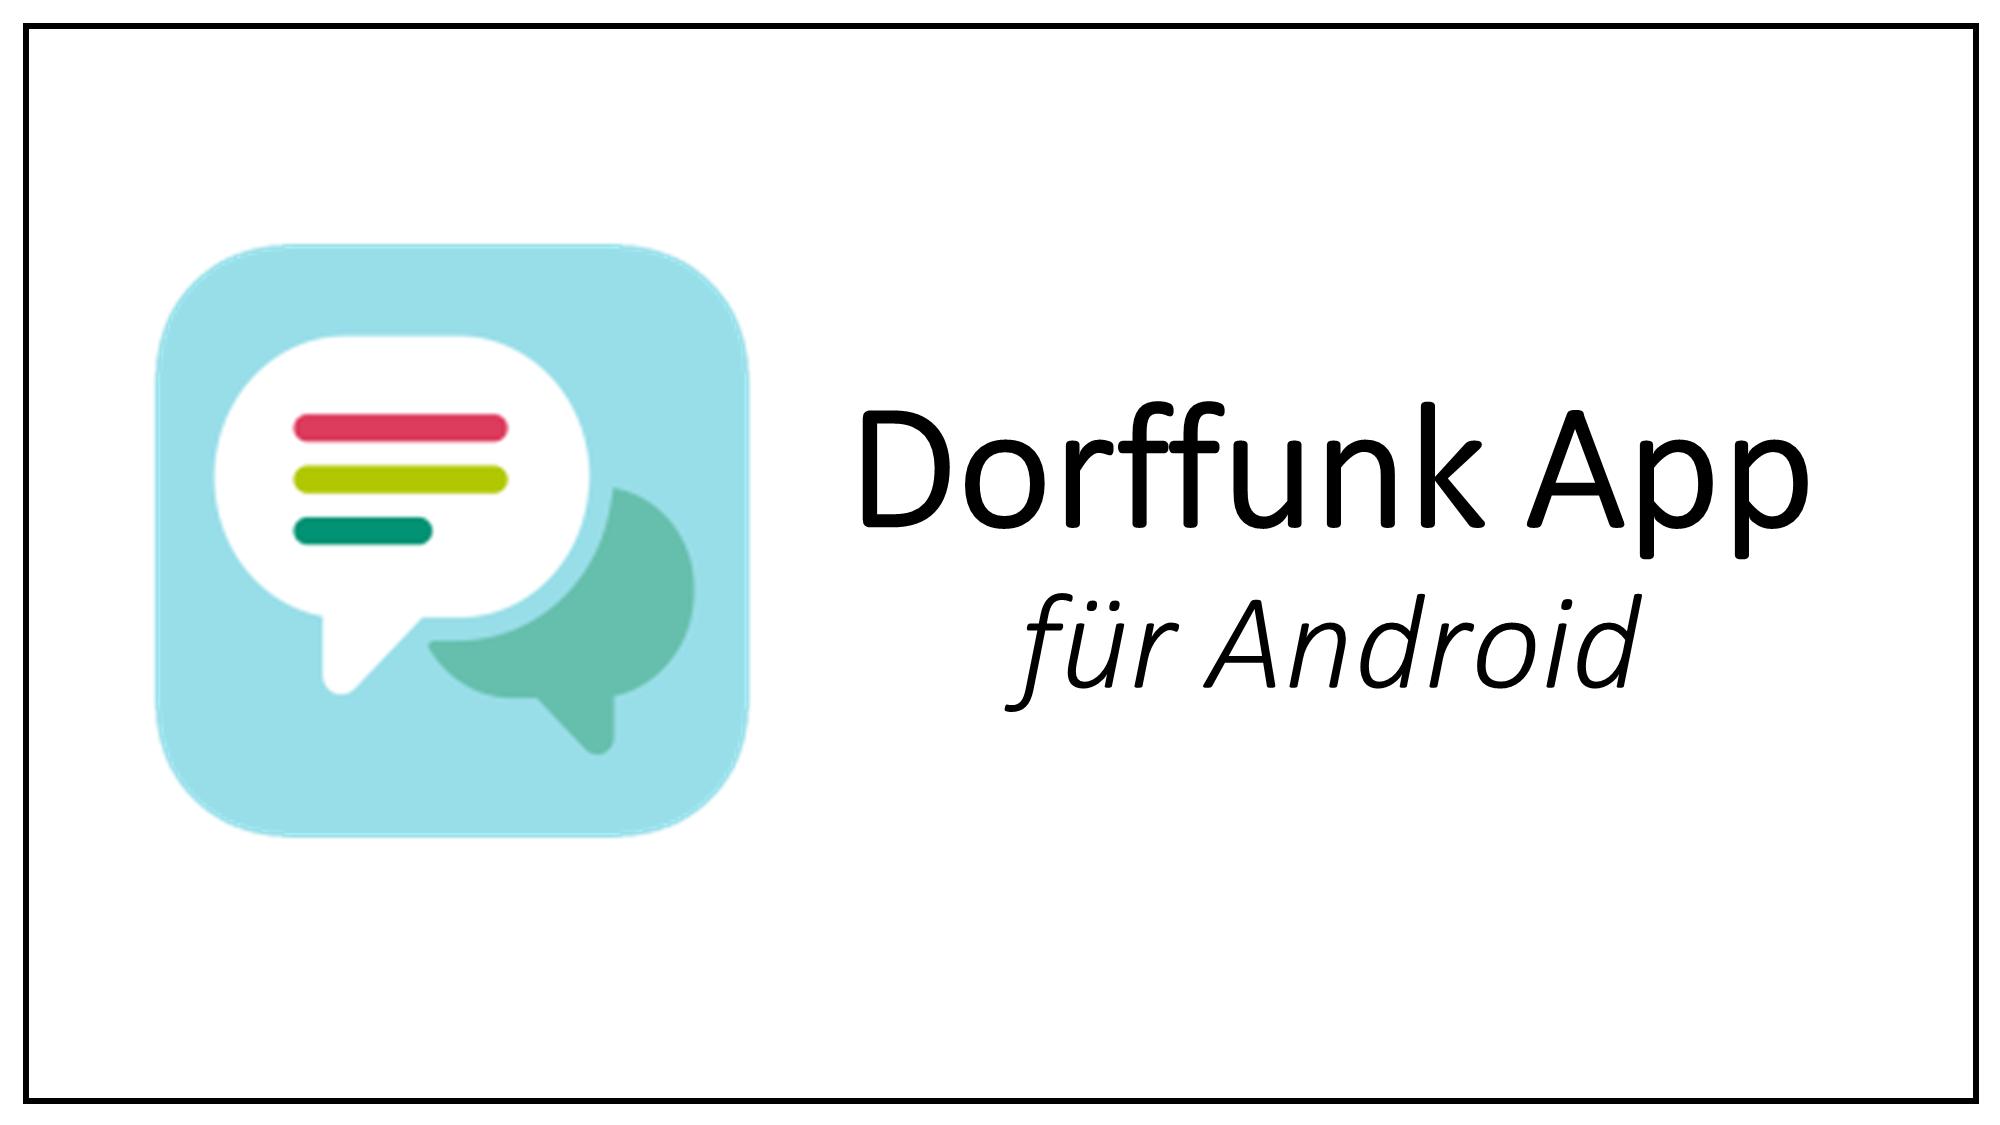 Dorffunk App für Android